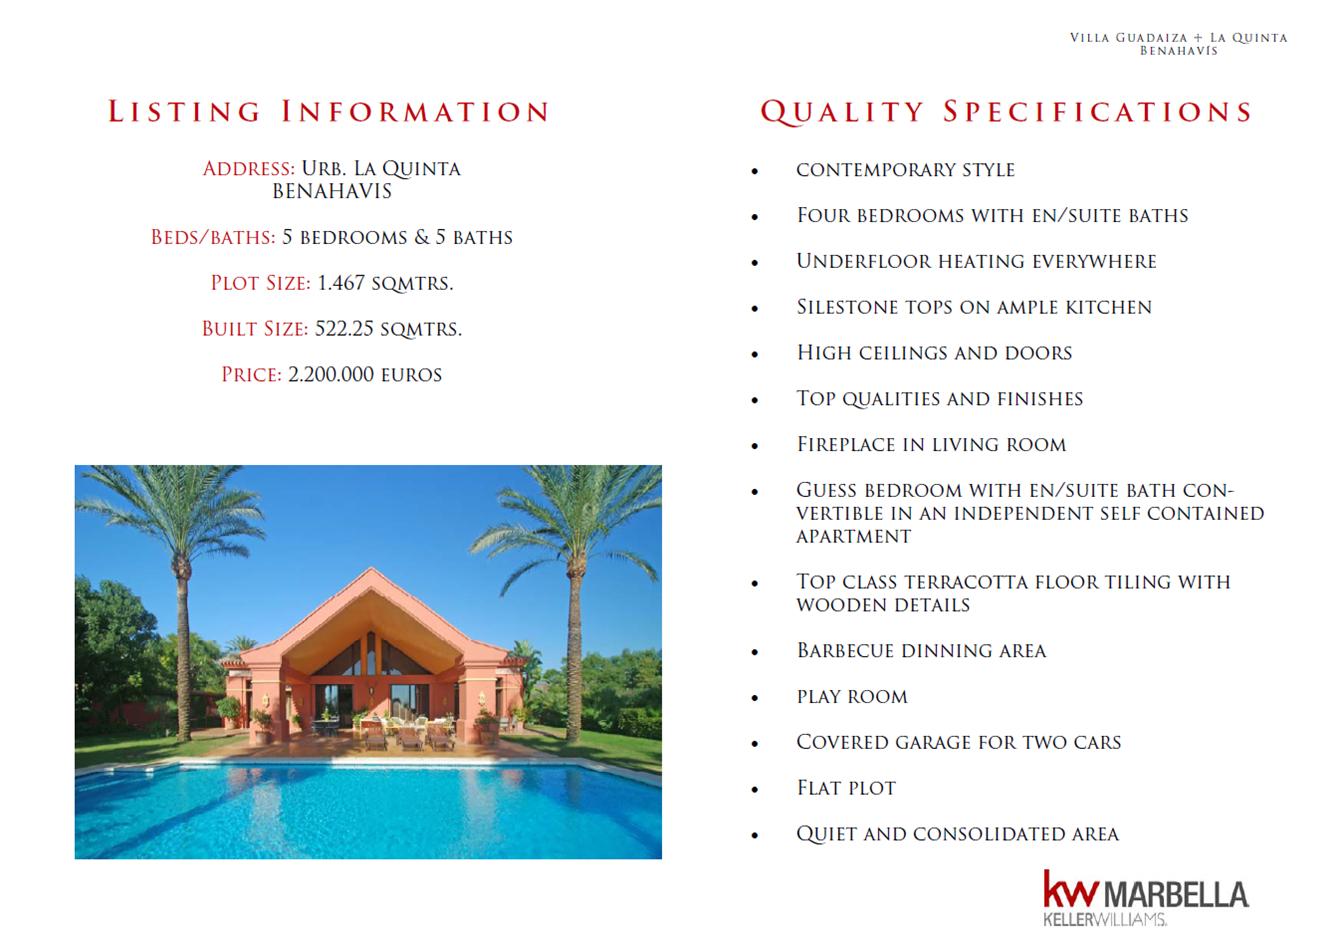 Folleto marketing villa en venta Benahavis